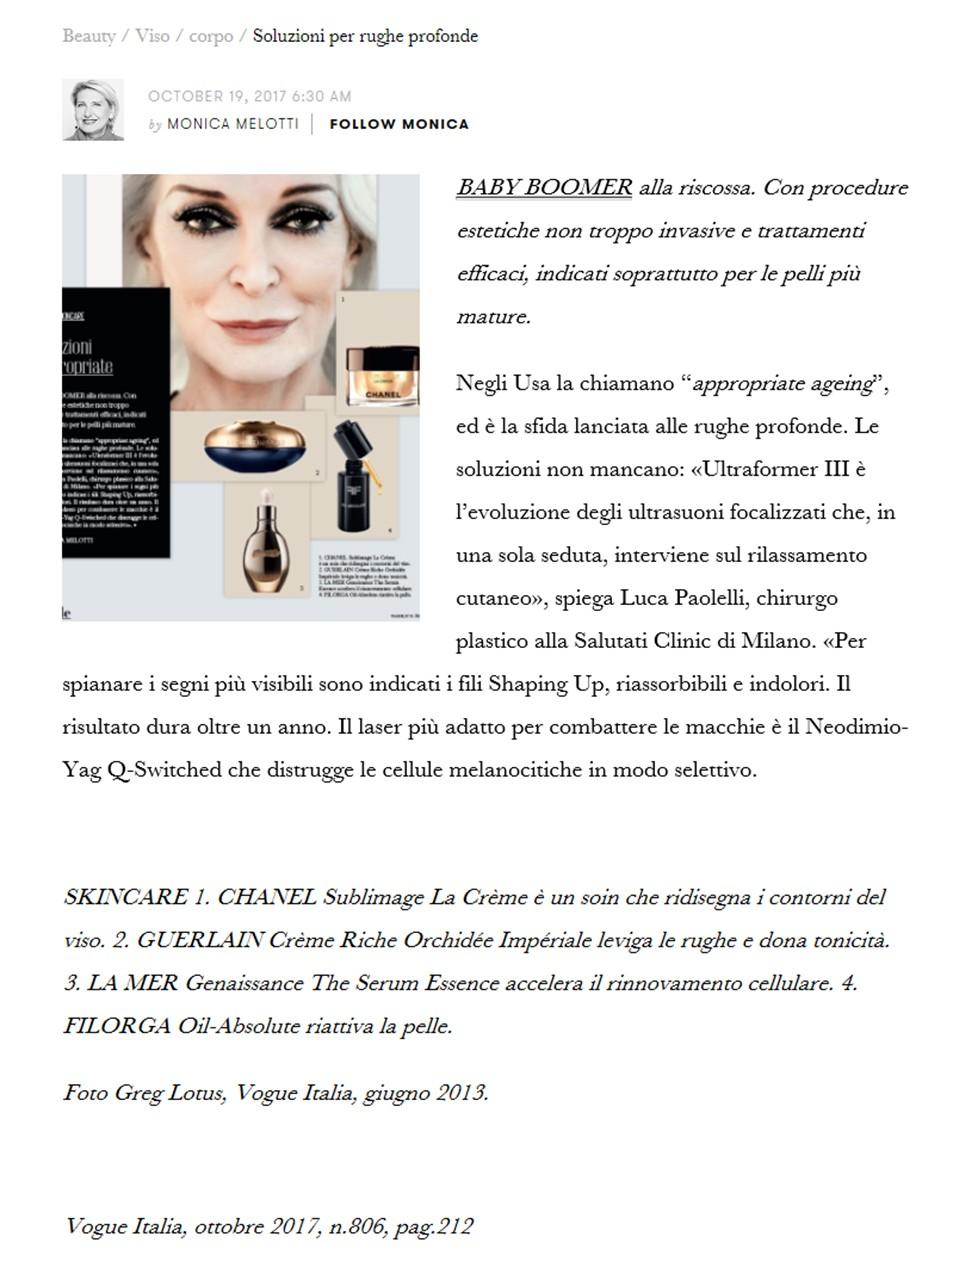 Vogue_Italia_ULTRAFORMERlll